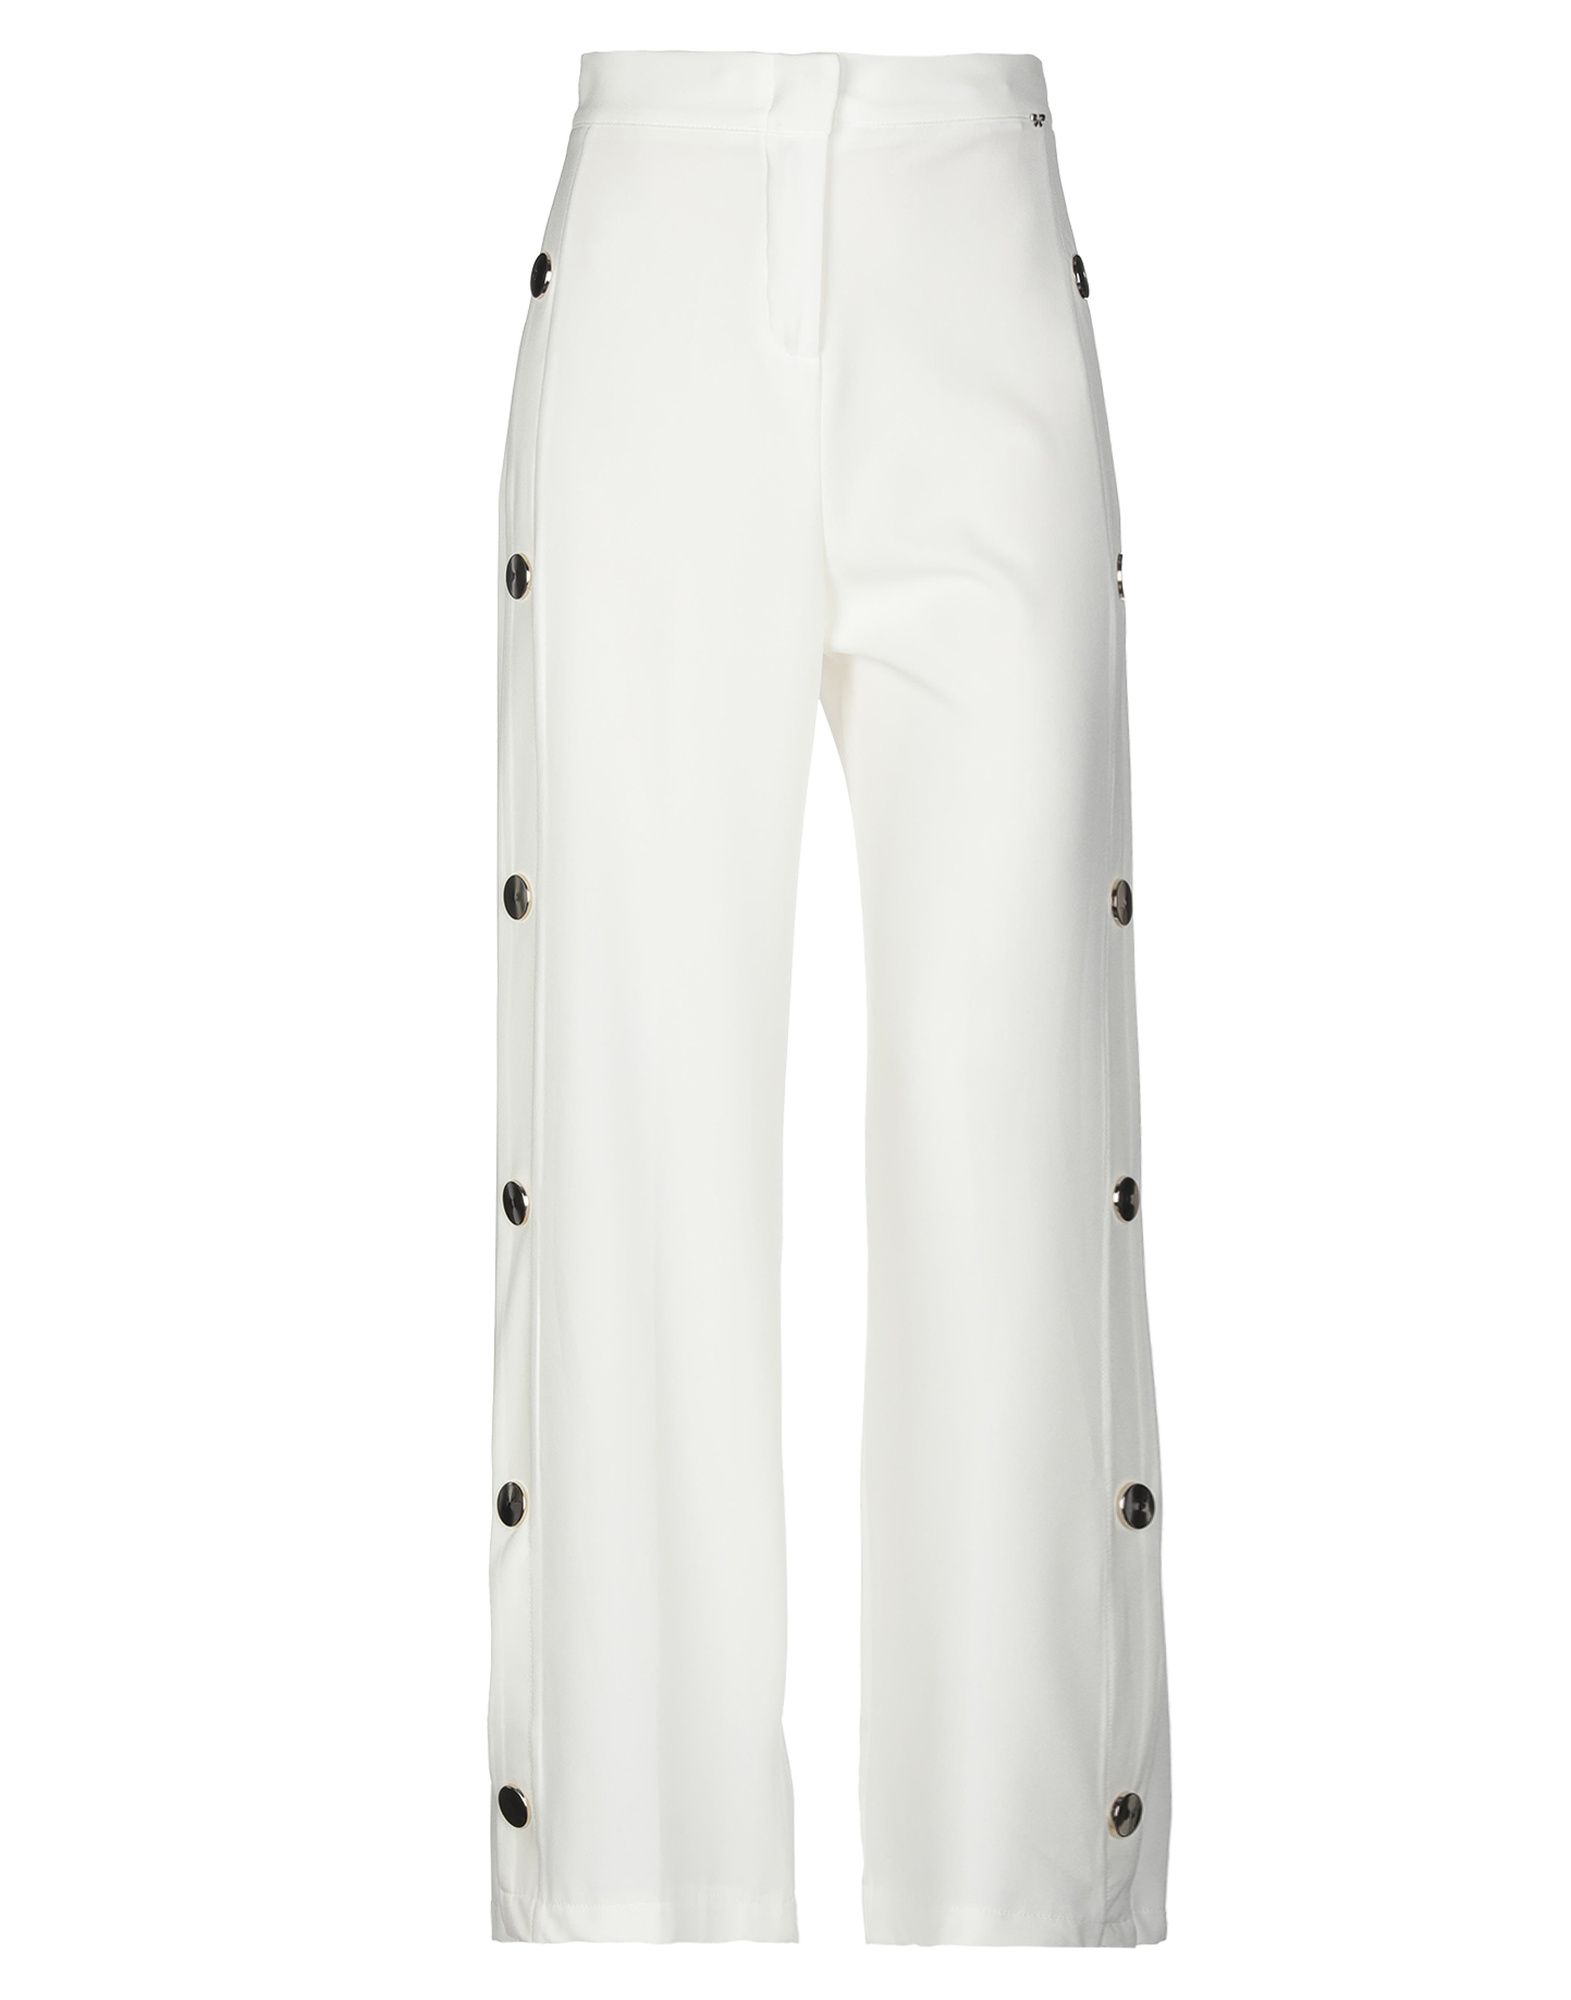 IMPERIAL Повседневные брюки брюки широкие из саржи стрейч